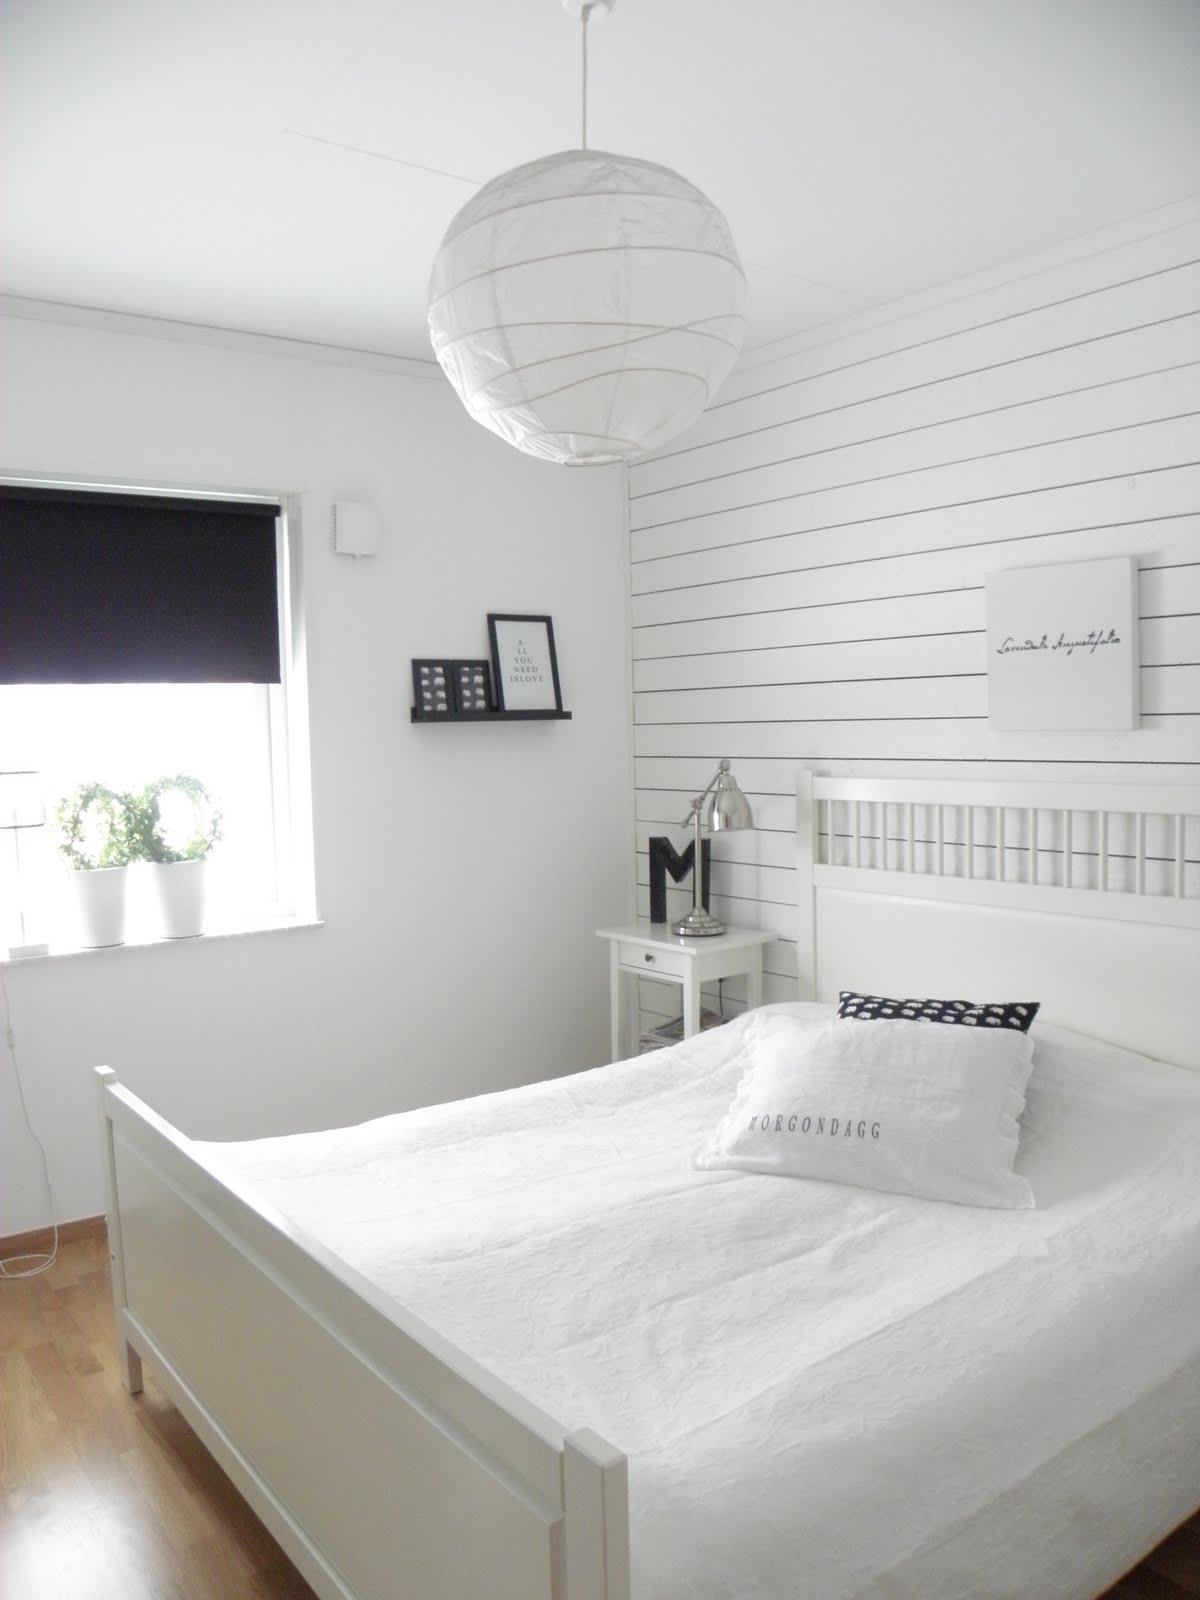 Signe 1: Nytt i sovrummet...